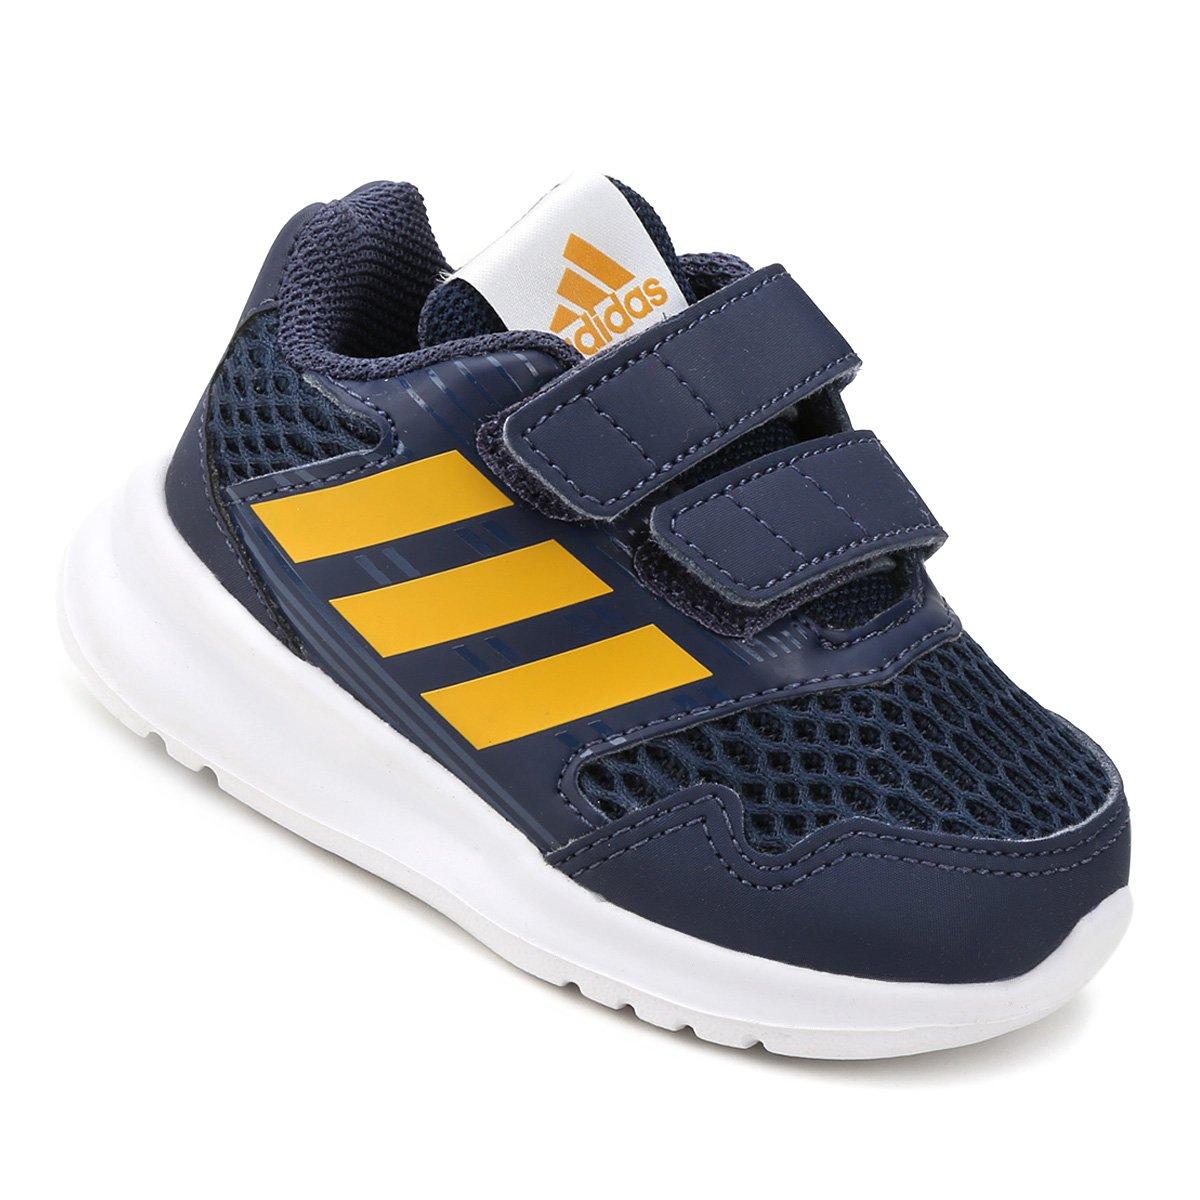 26e3d3592e2 Tênis Infantil Adidas Altarun Cf Masculino - Compre Agora